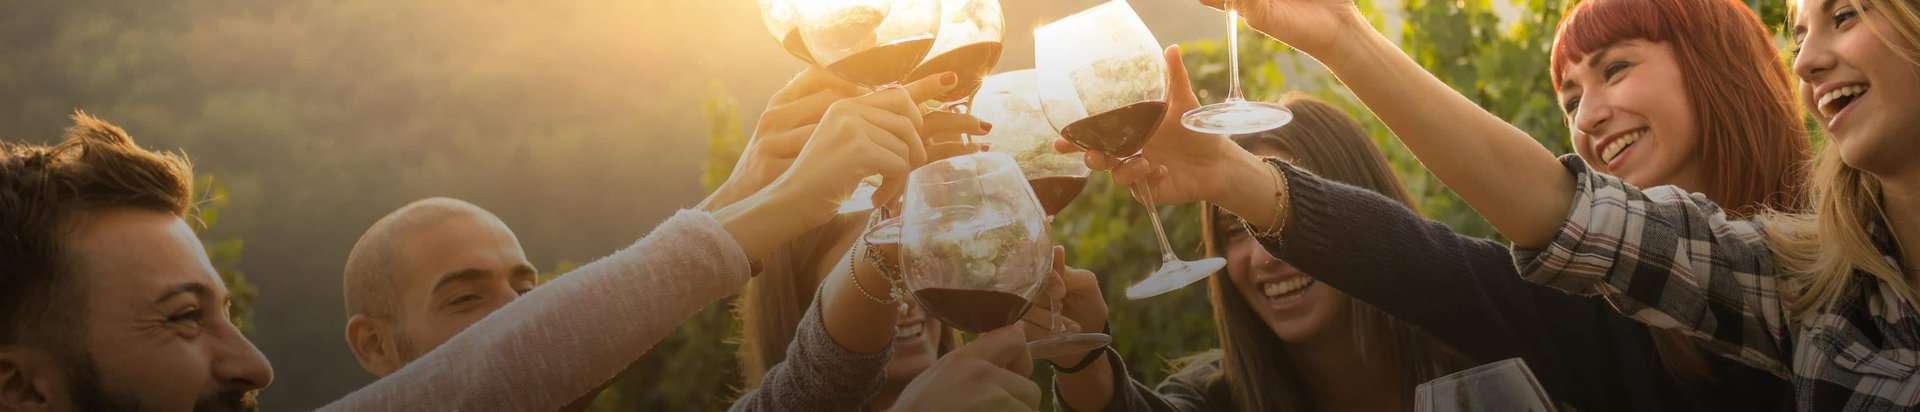 Wine & Spirits Promotional Labels Header